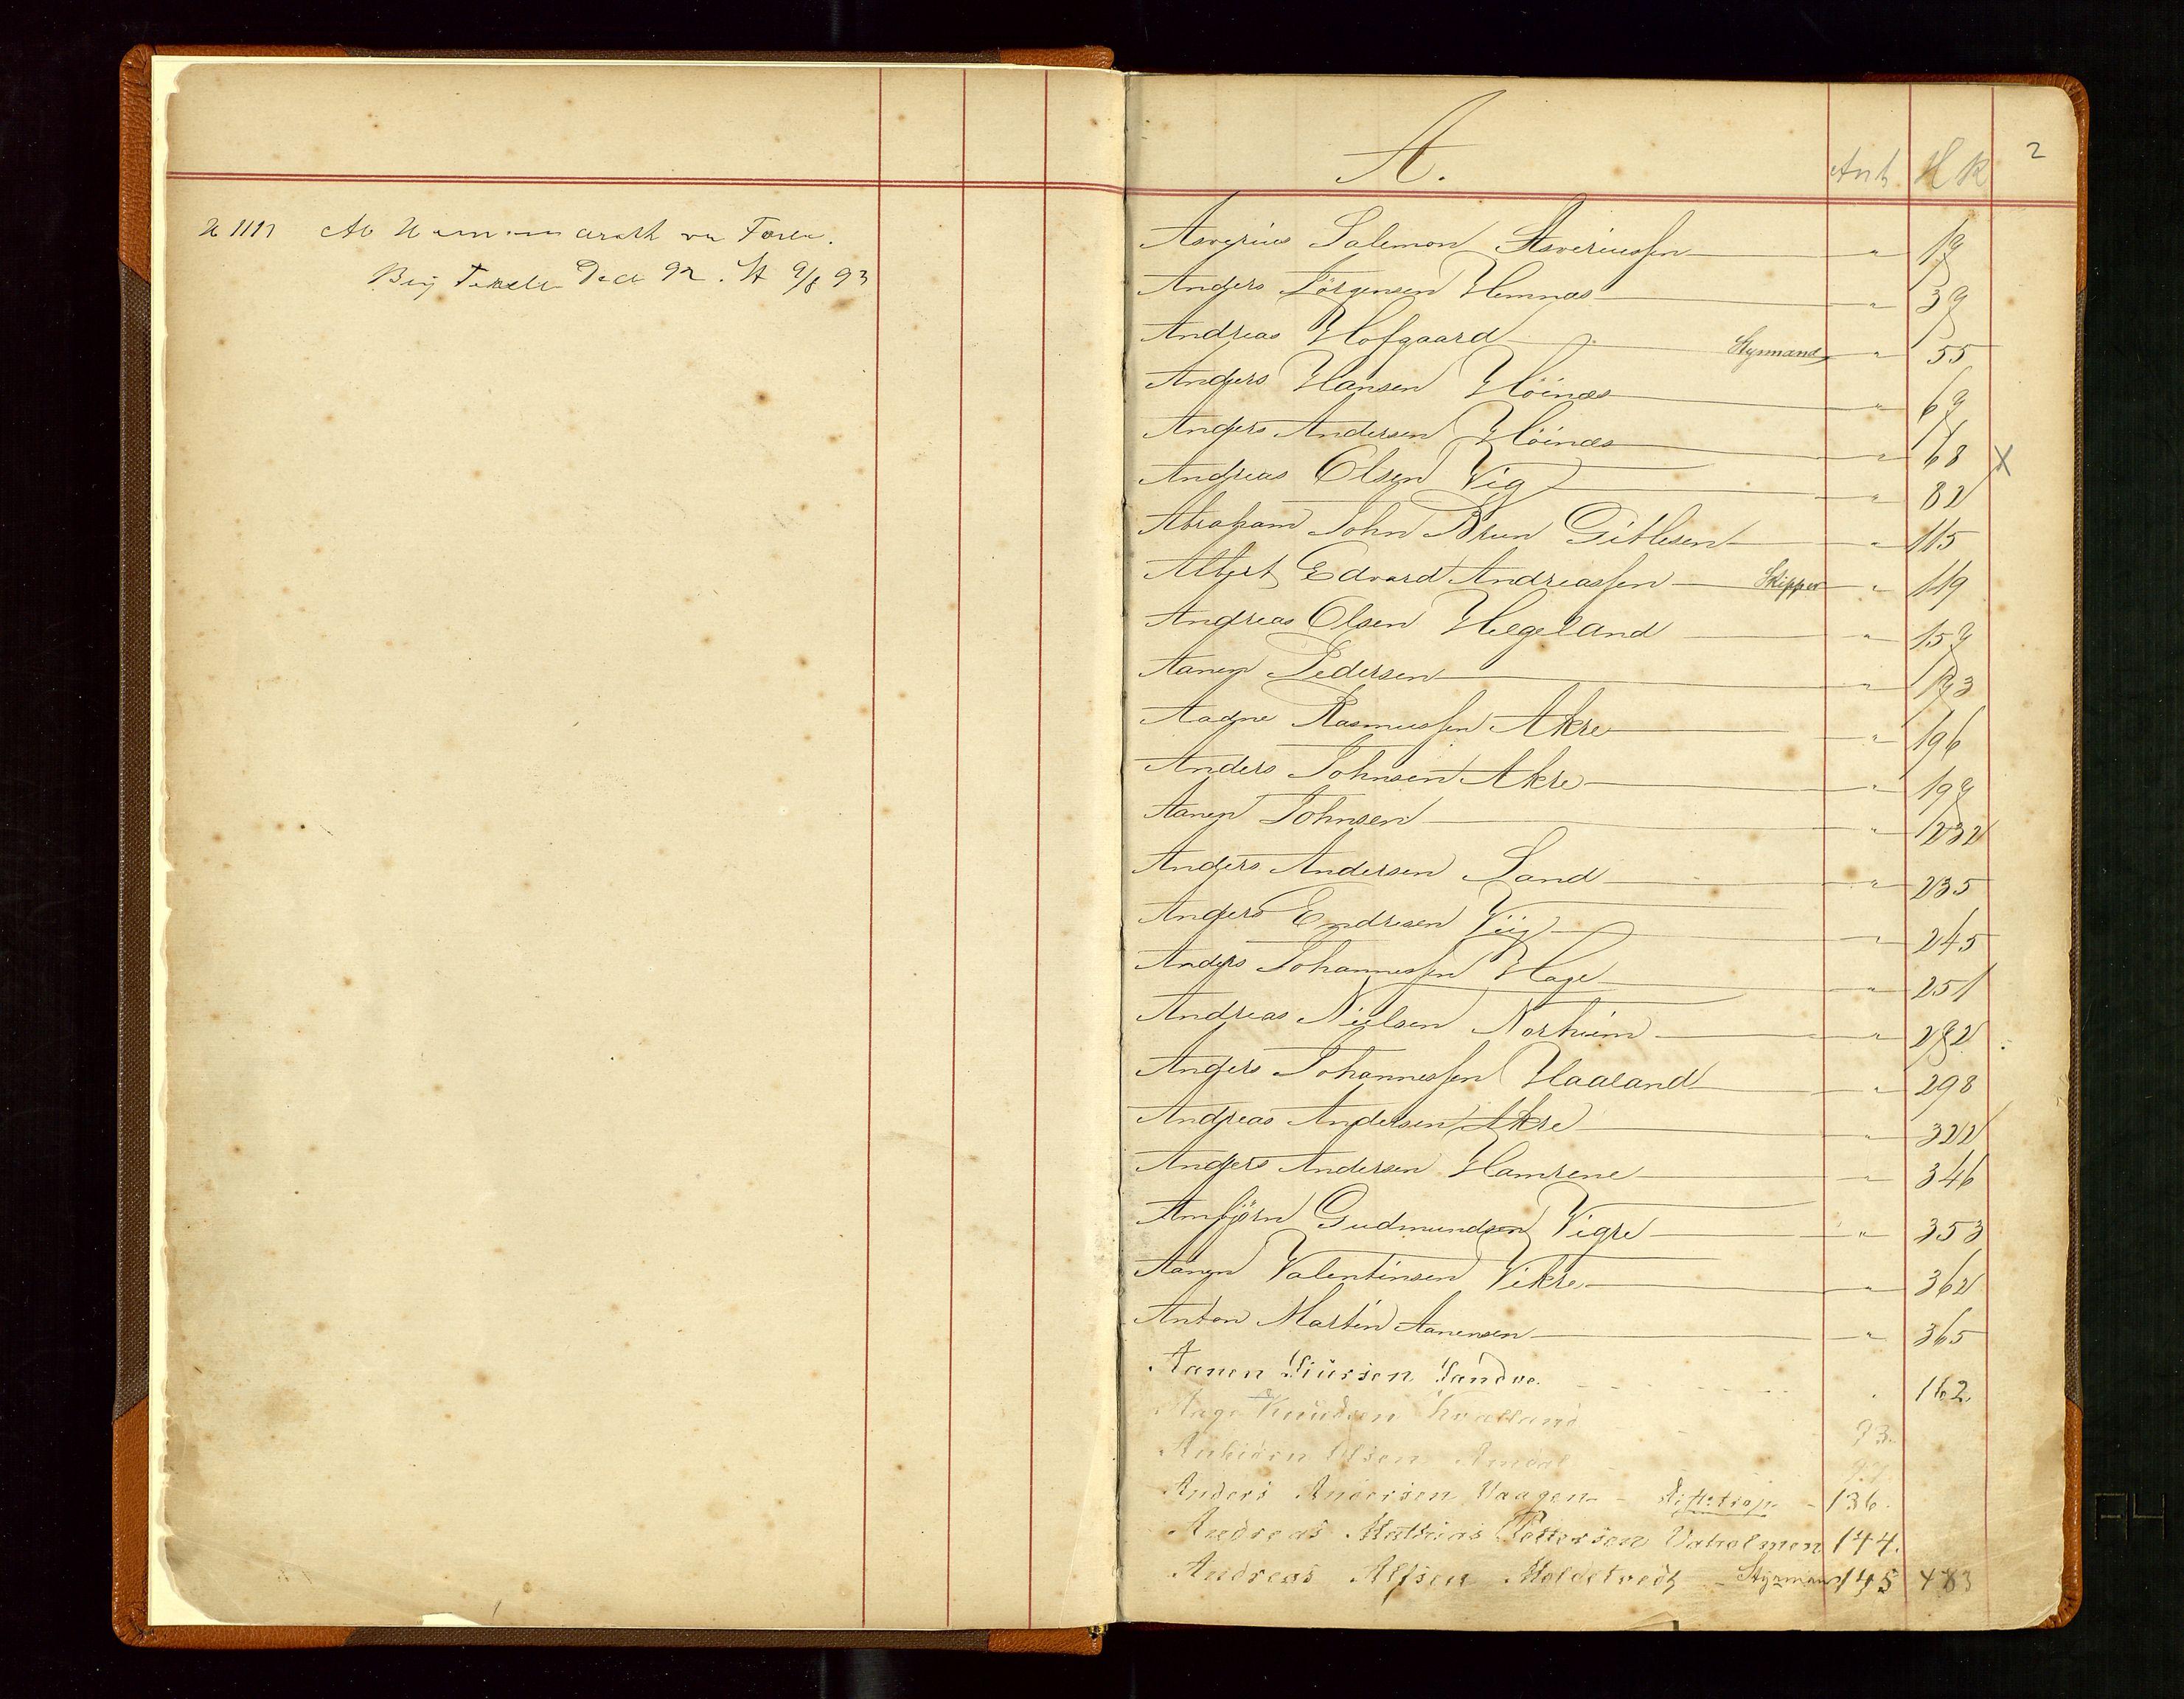 SAST, Haugesund sjømannskontor, F/Fb/Fba/L0003: Navneregister med henvisning til rullenummer (fornavn) Haugesund krets, 1860-1948, p. 2